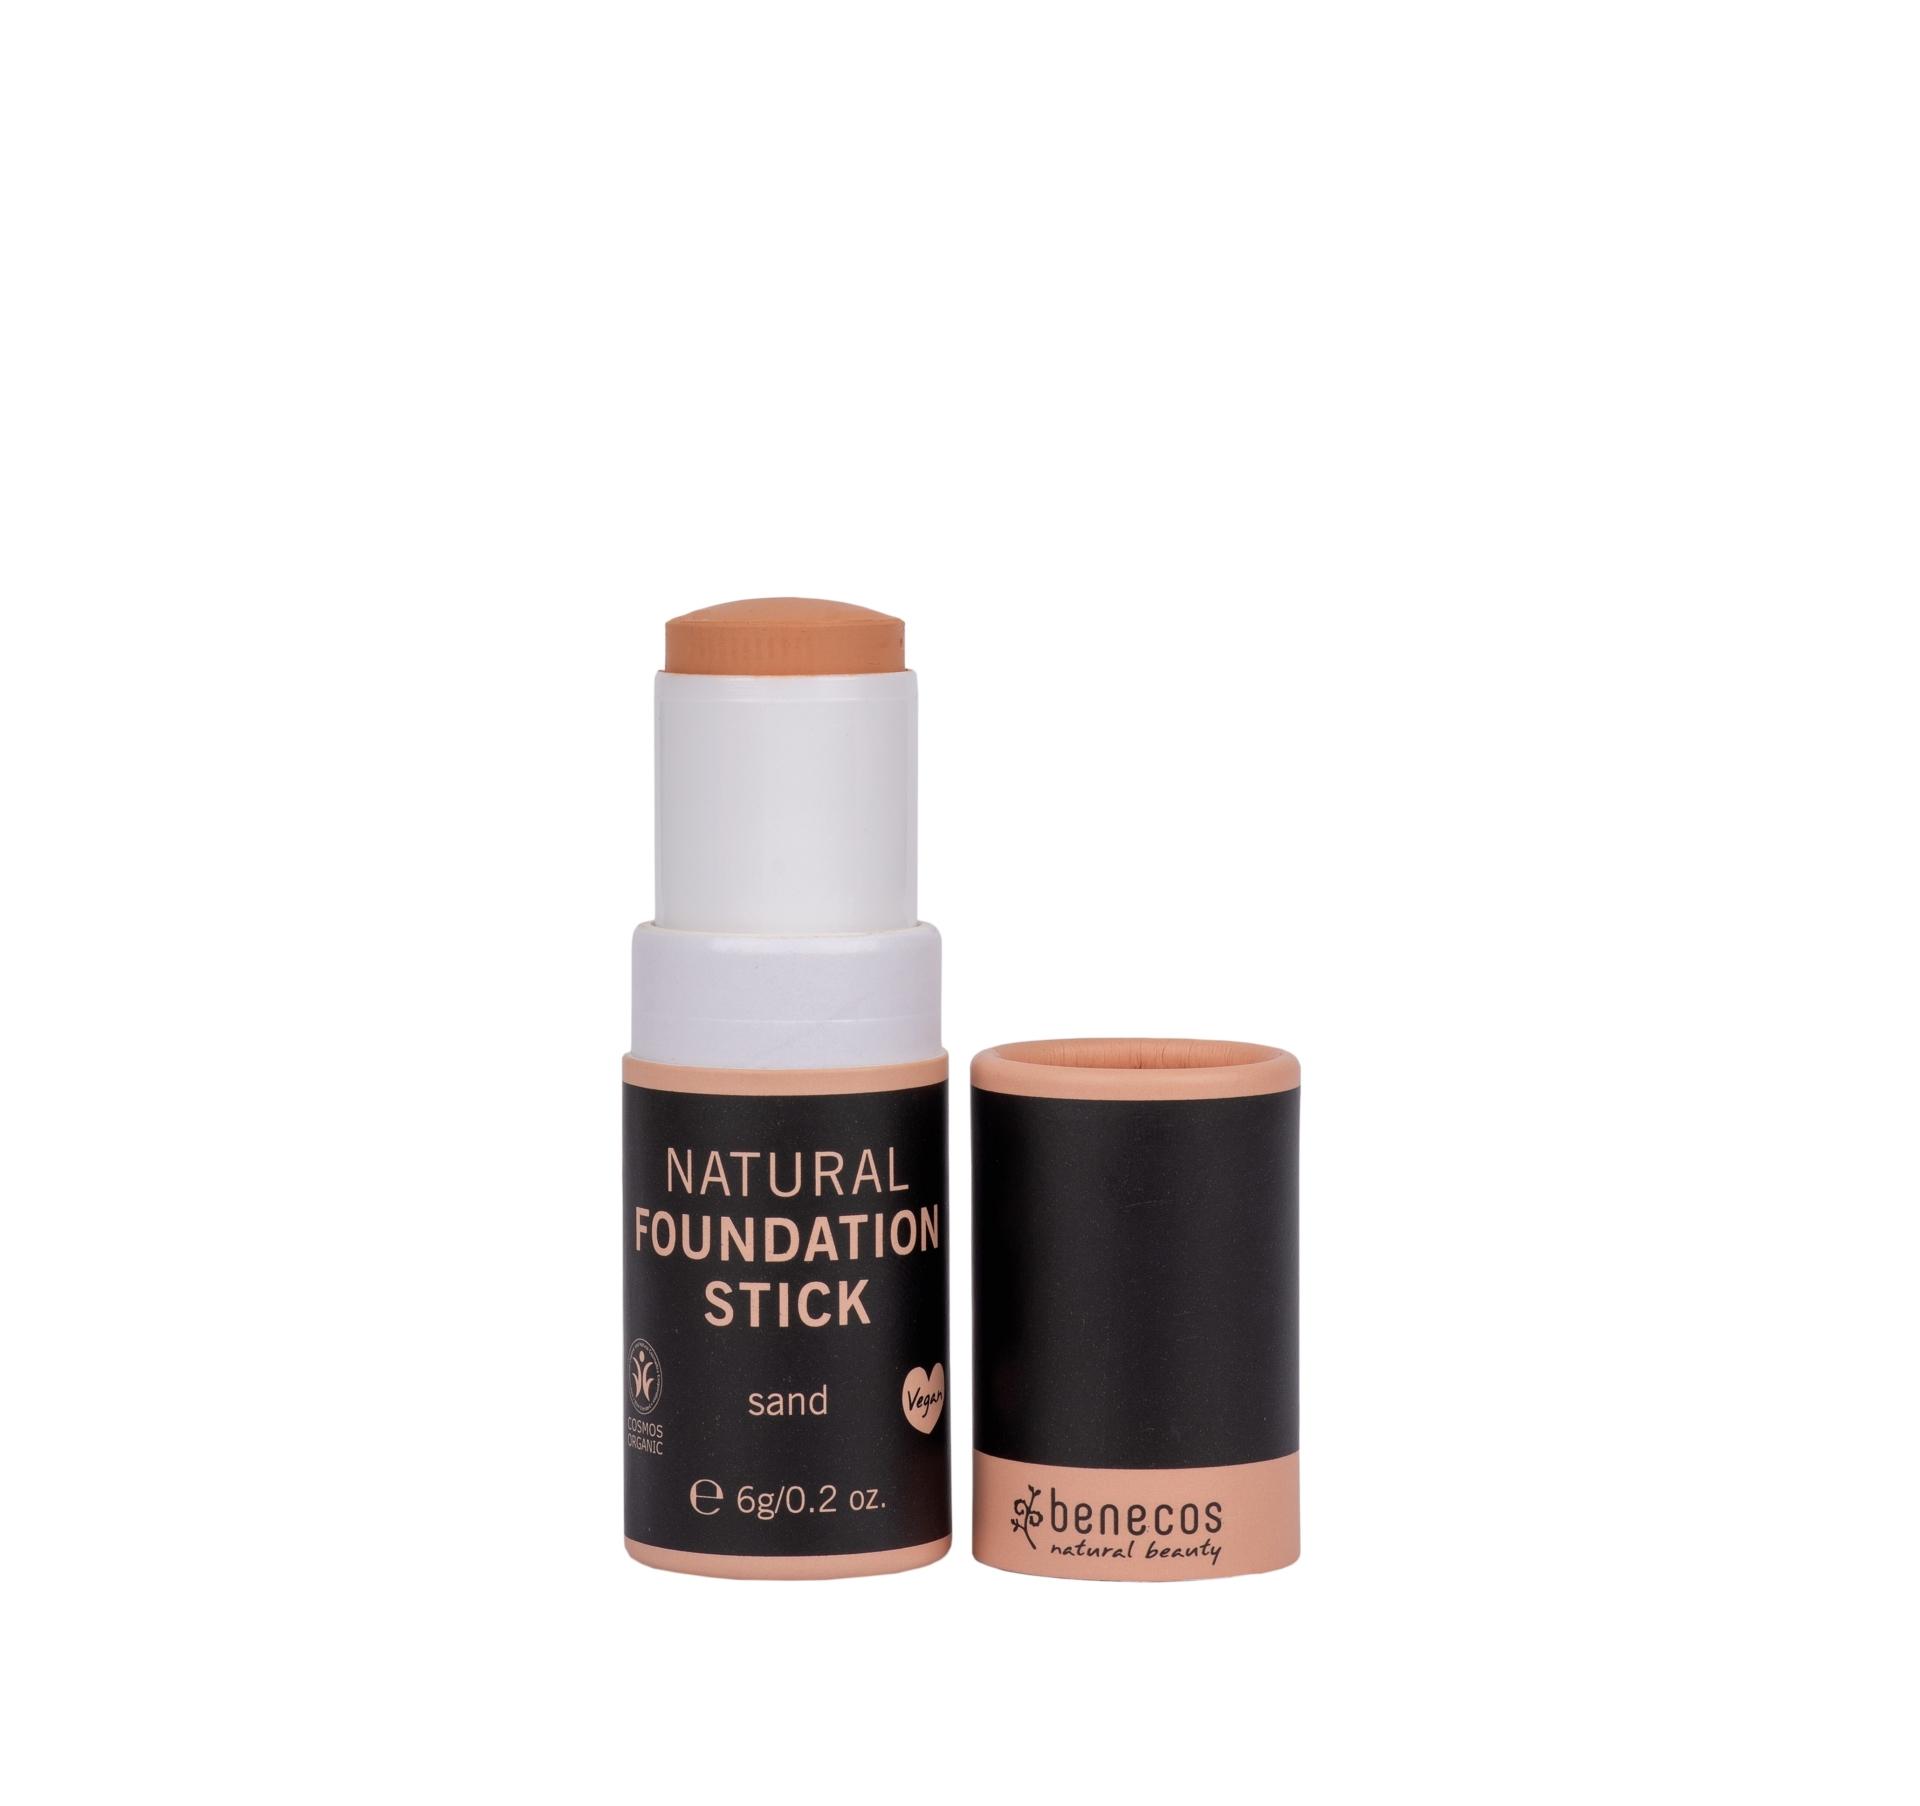 Benecos Natural meikkivoidepuikko Sand